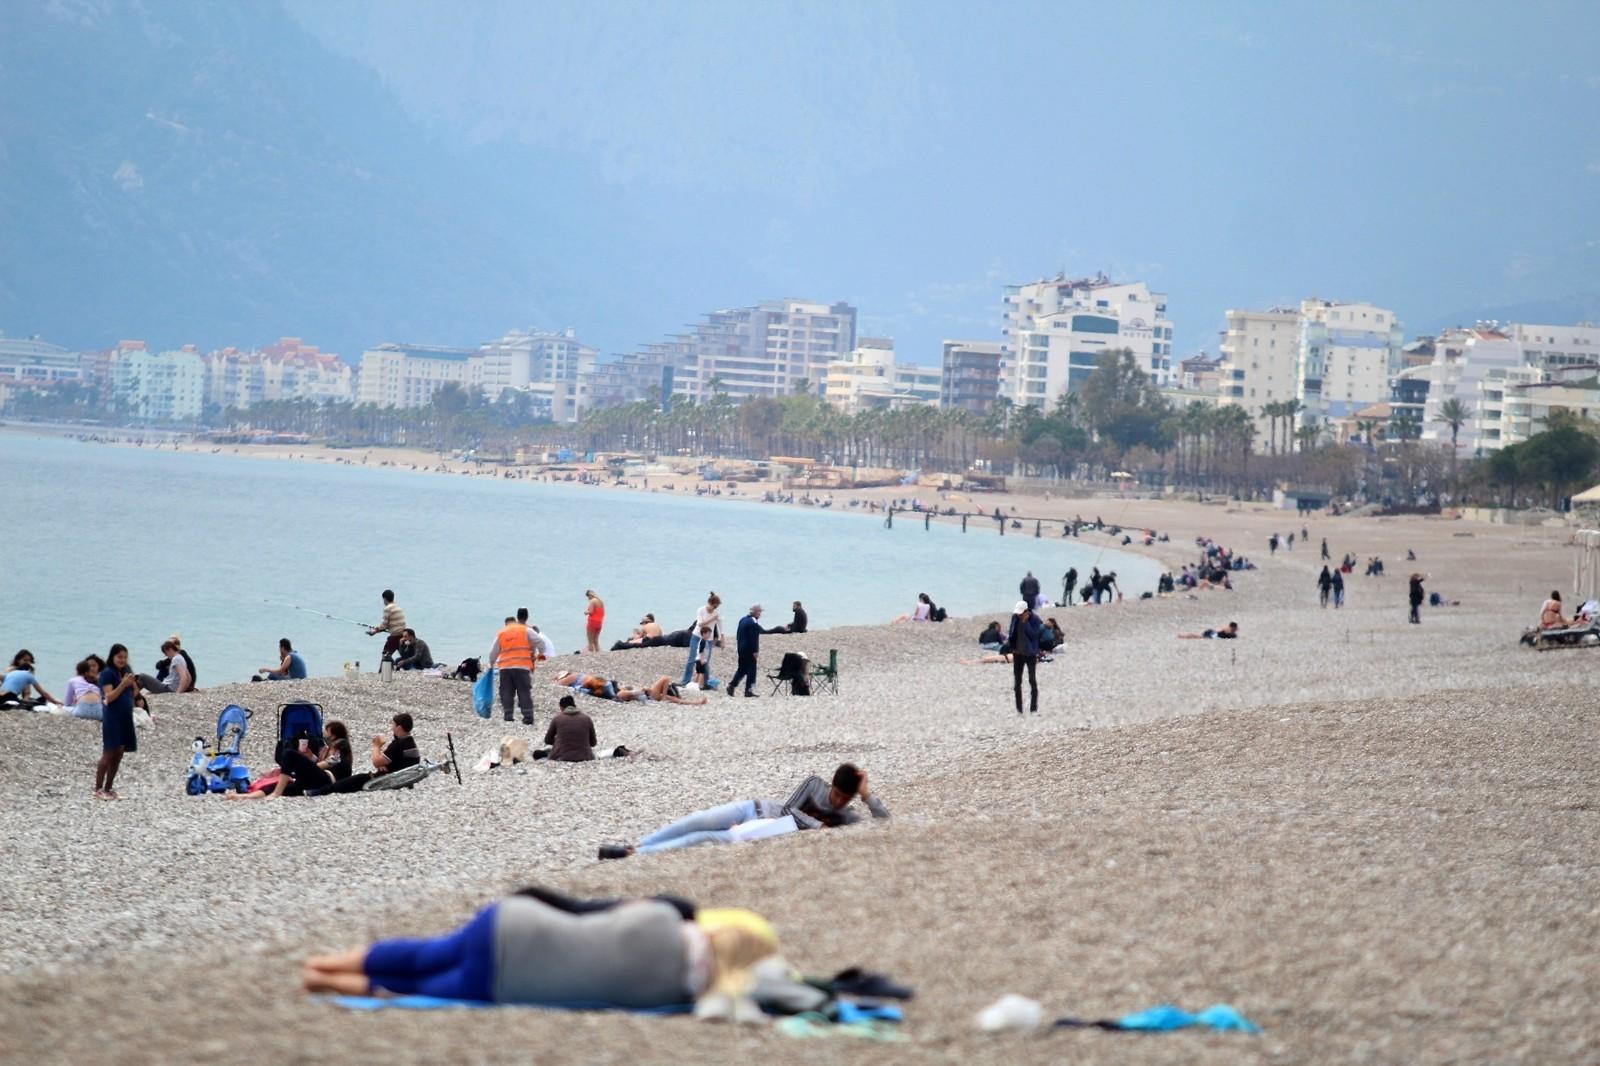 Pandemi nedeniyle yaşanan süreçte turizm sektörünün yılın ilk çeyreğinde 15 milyar lira kredi kullandı